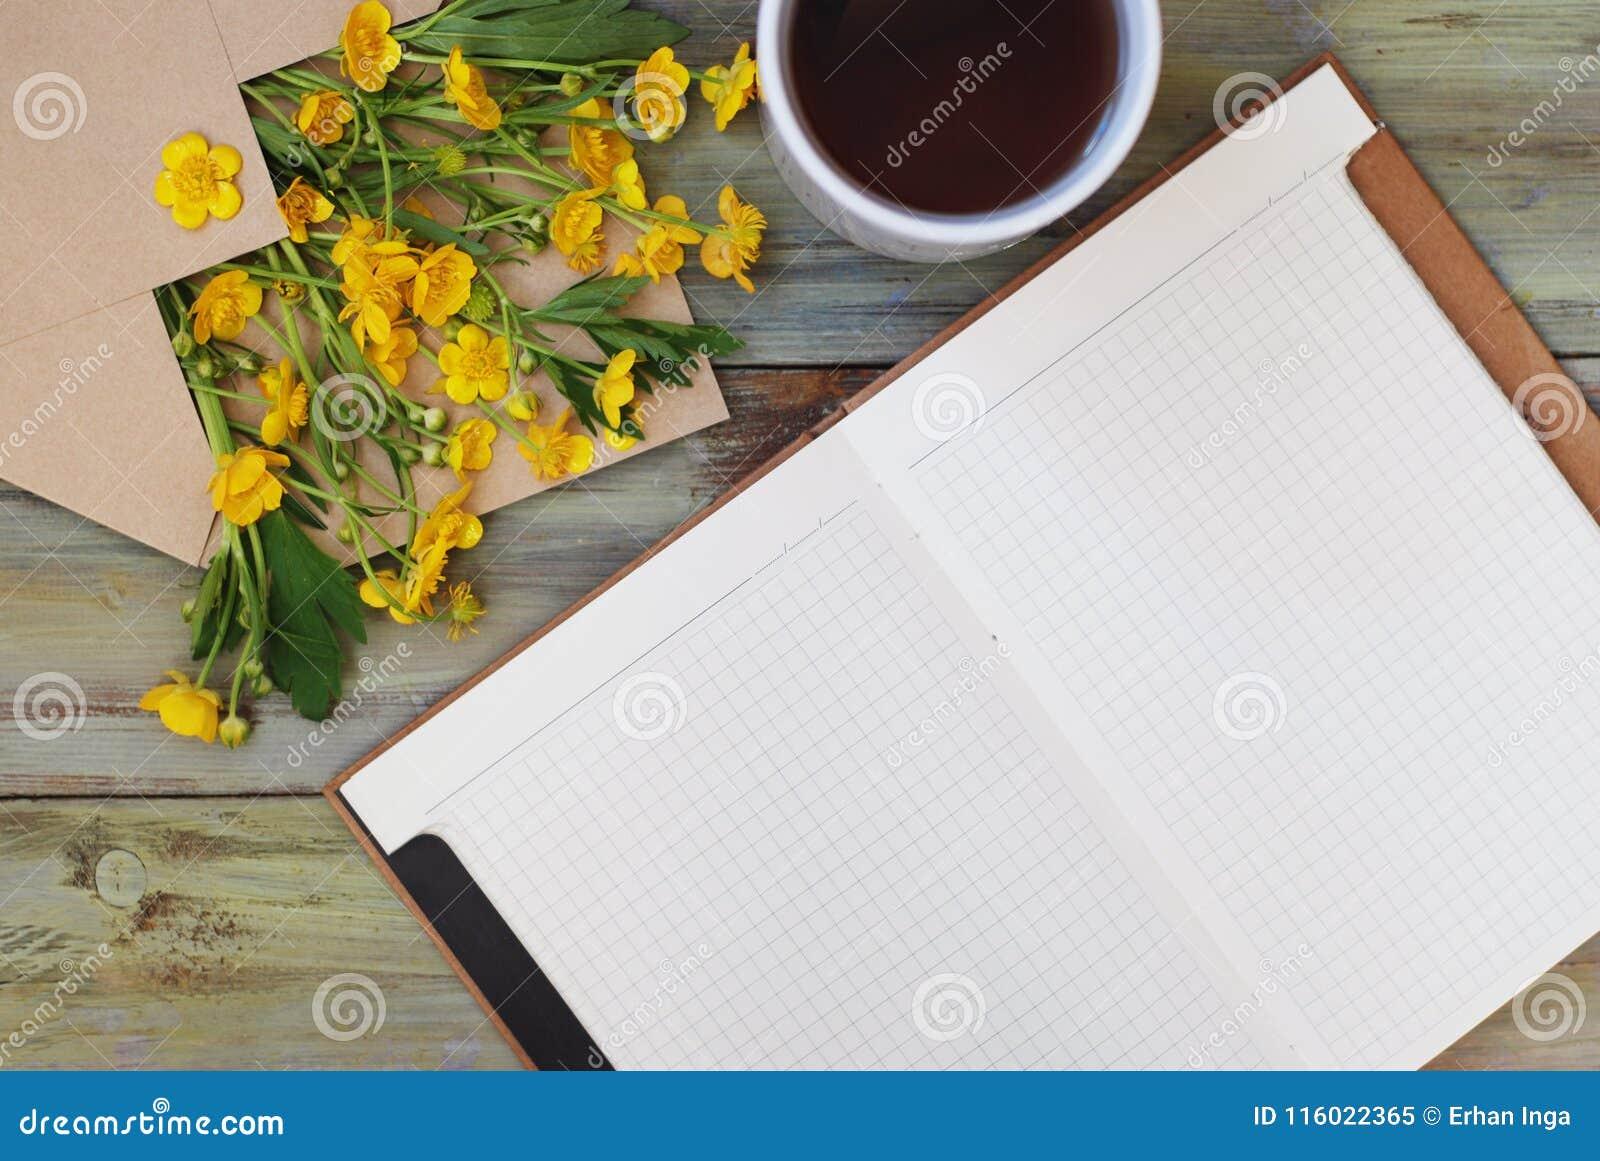 Żółtego Małego kwiat Herbacianej filiżanki Otwartego notatnika tła Kopertowy Nieociosany Drewniany mieszkanie Lay